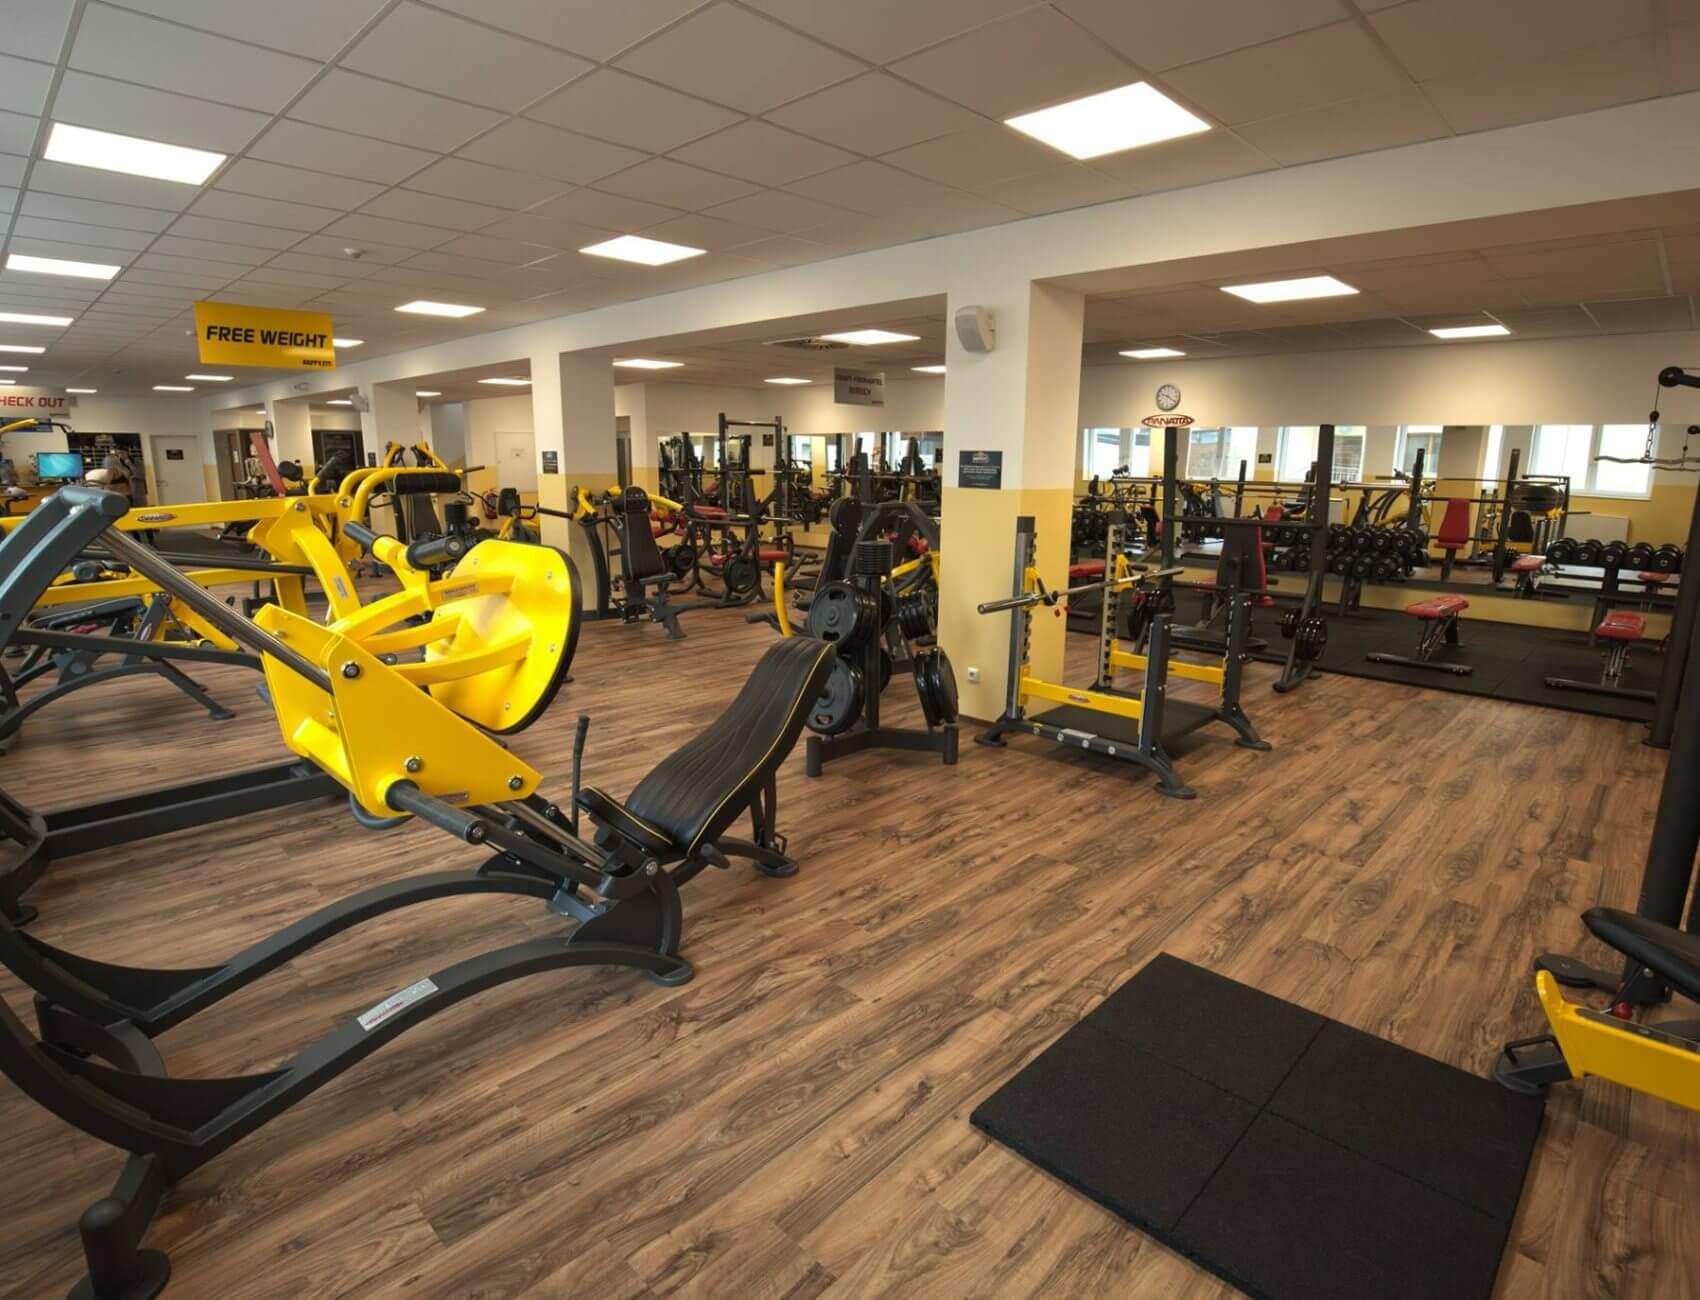 Galerie echipamente fitness 2014 - 10